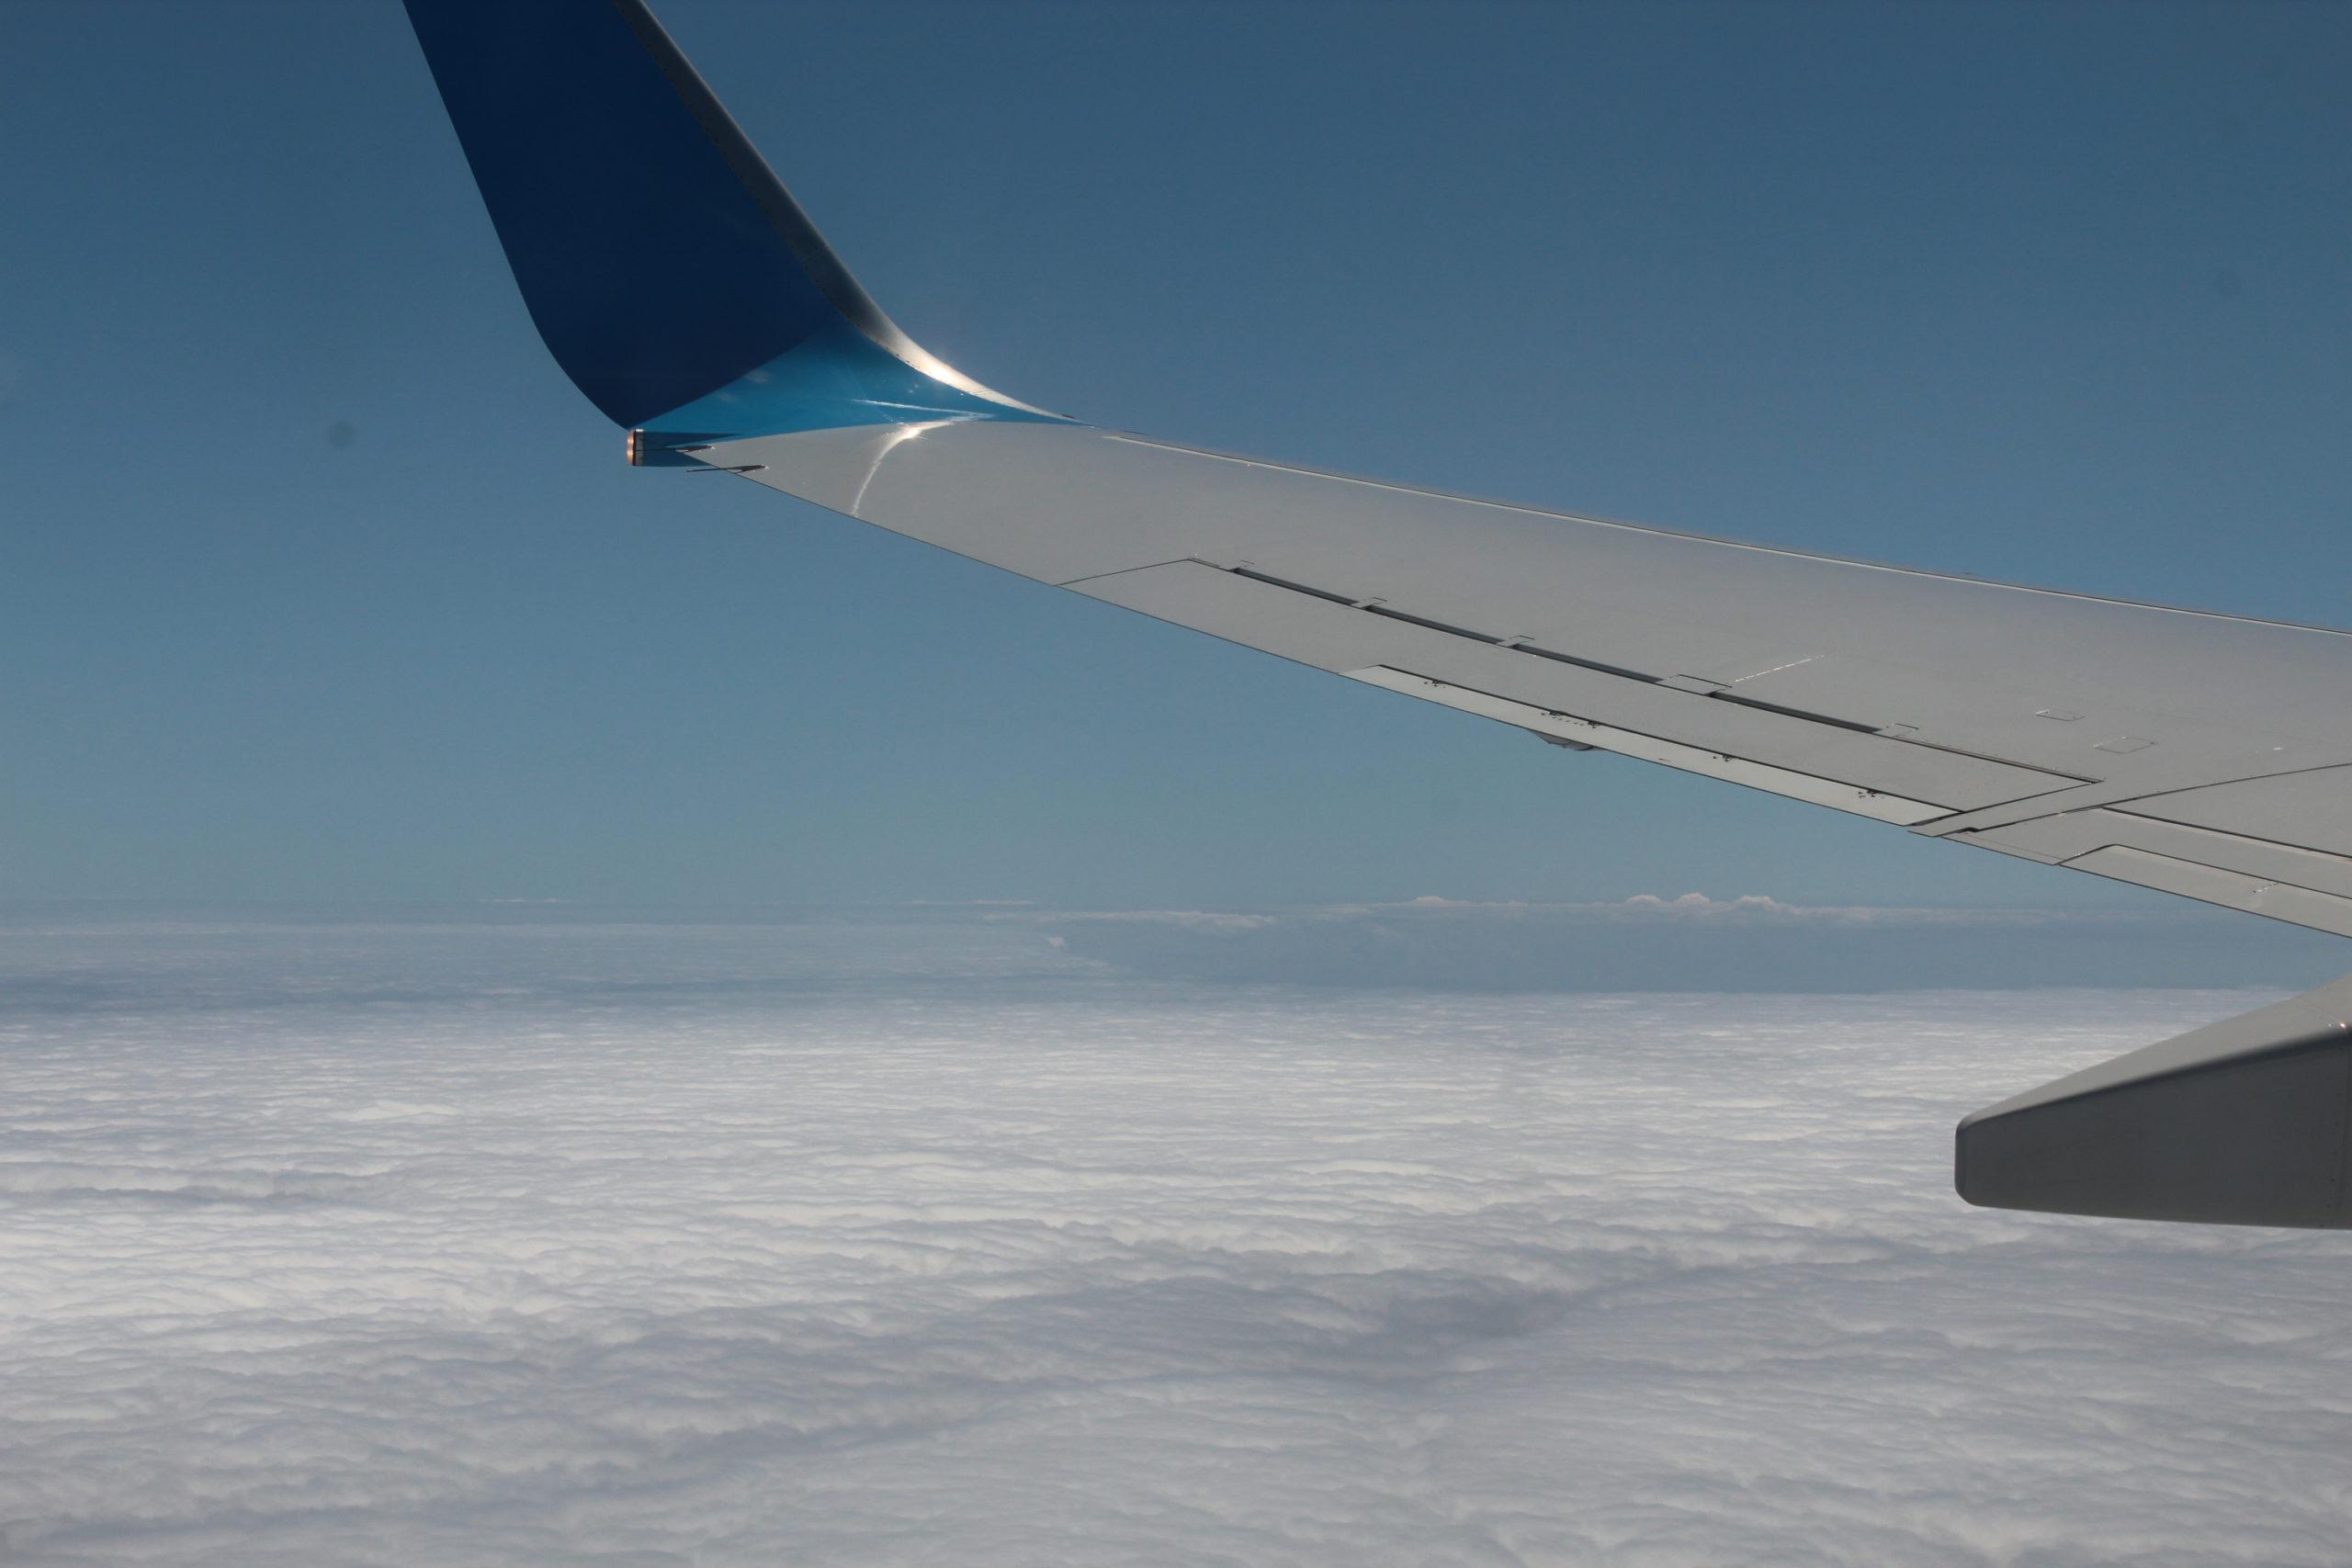 madera widok z okna samolotu